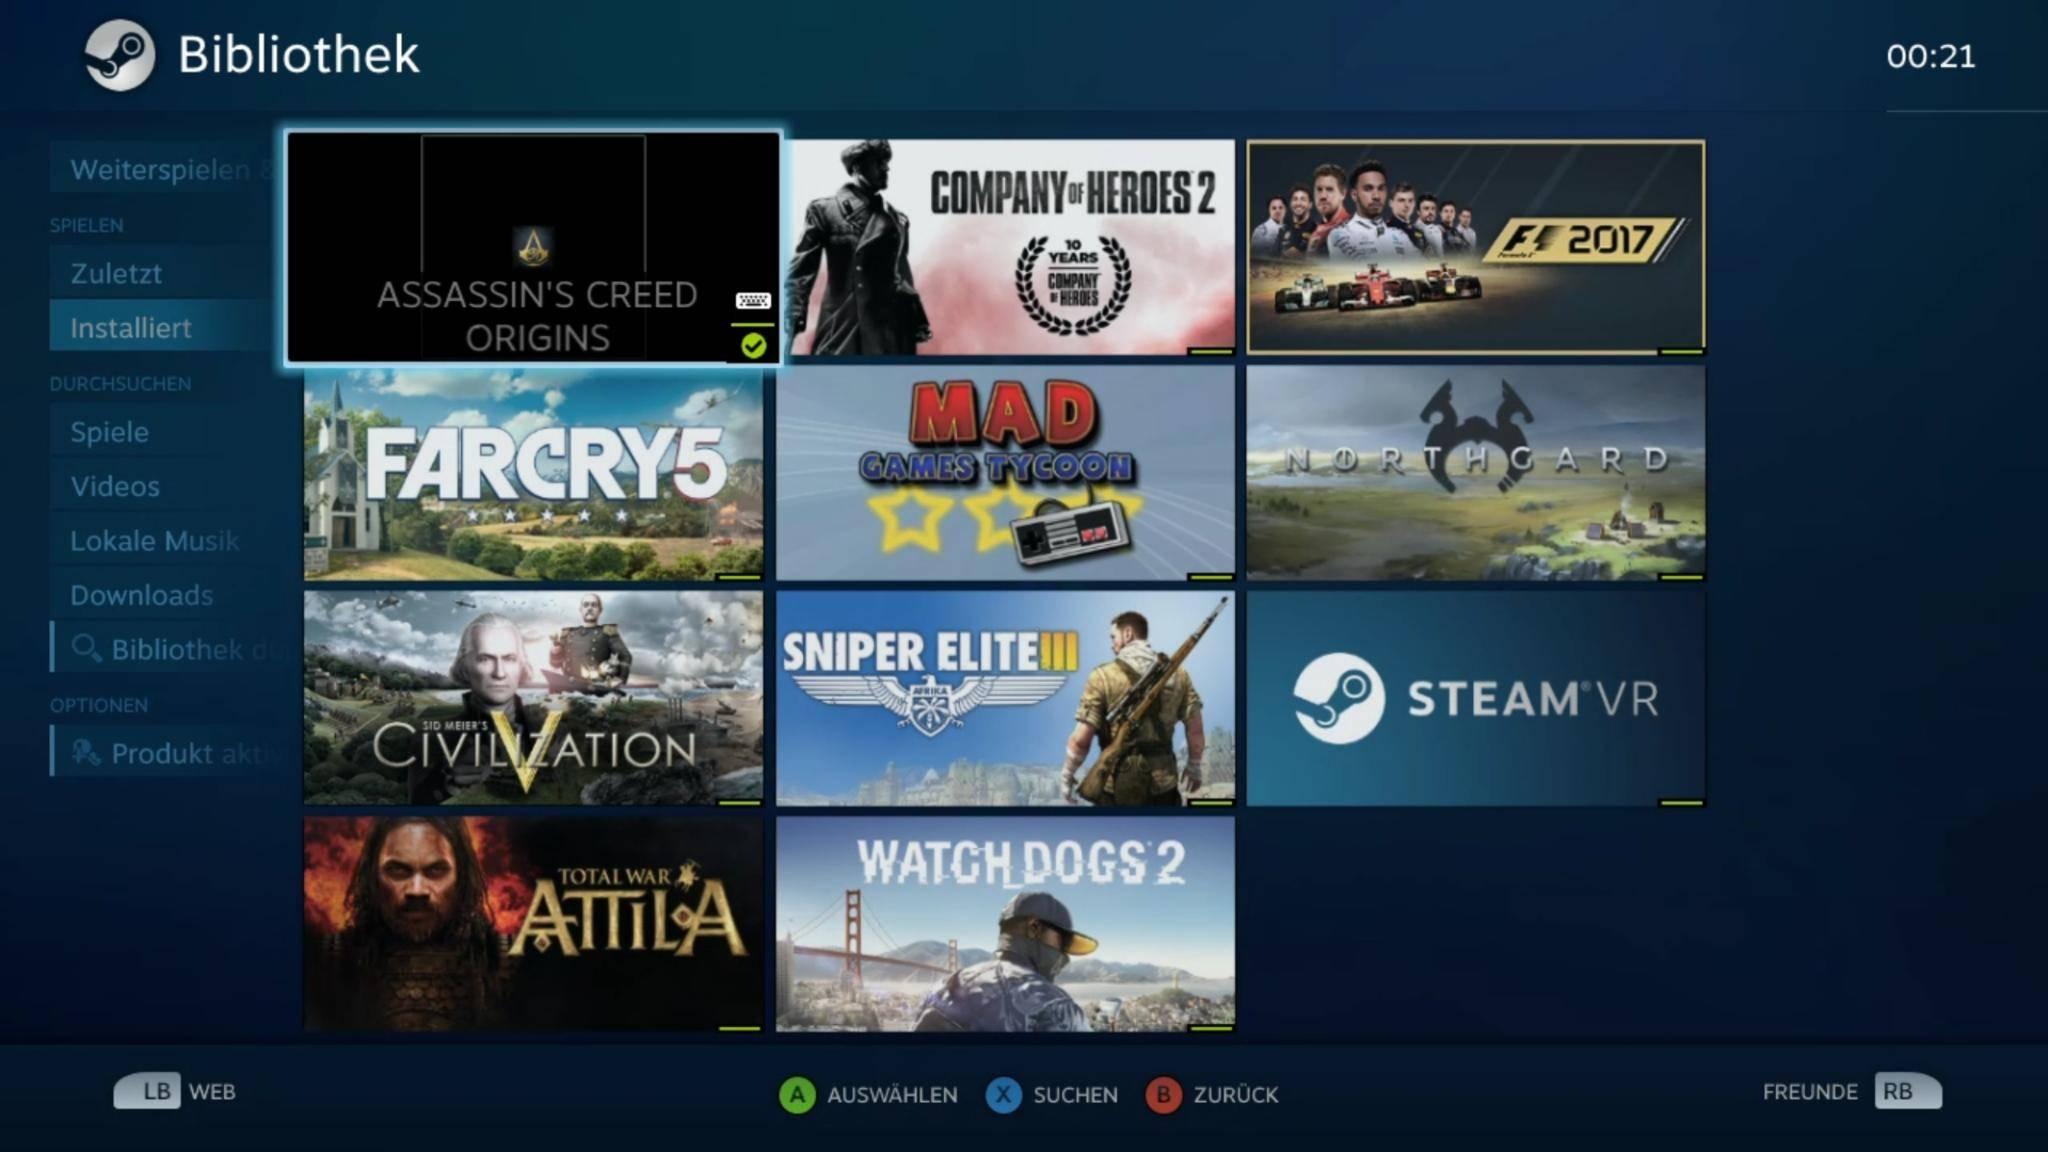 Keine Sorge: Updates für Steam-Spiele, die Du momentan zockst, bekommst Du immer noch sofort.